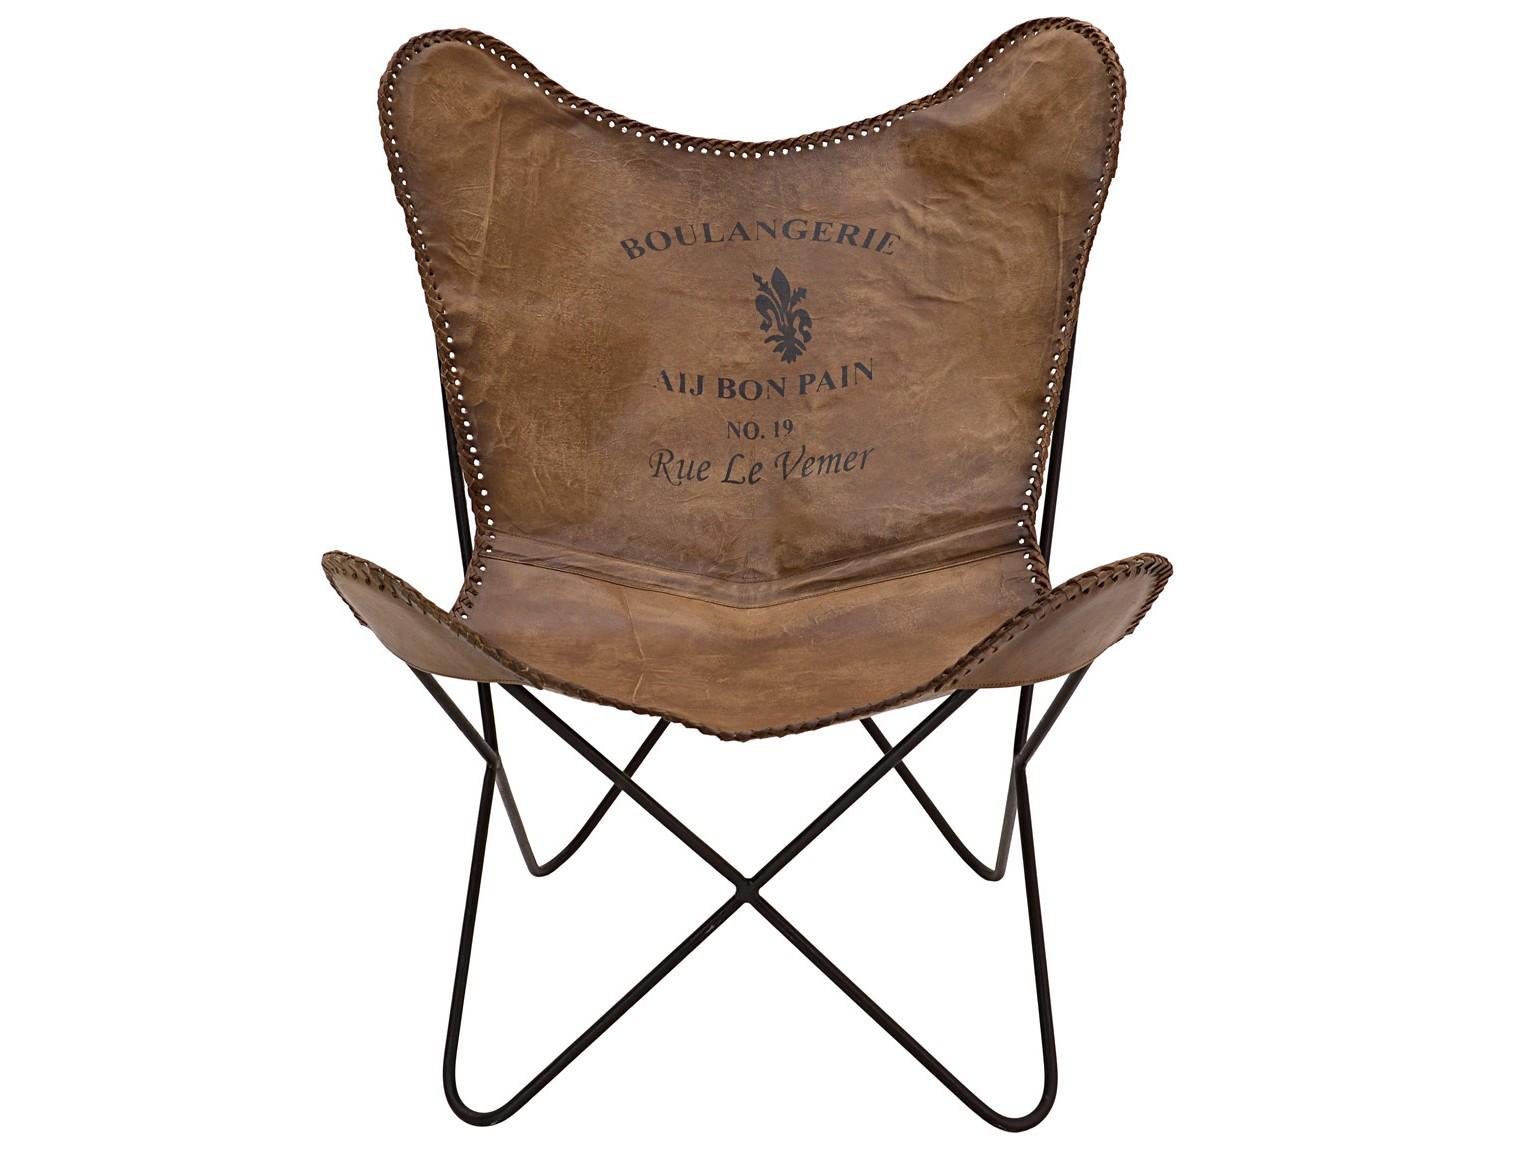 Кресло LeahКожаные кресла<br><br><br>Material: Кожа<br>Ширина см: 70.0<br>Высота см: 92.0<br>Глубина см: 75.0